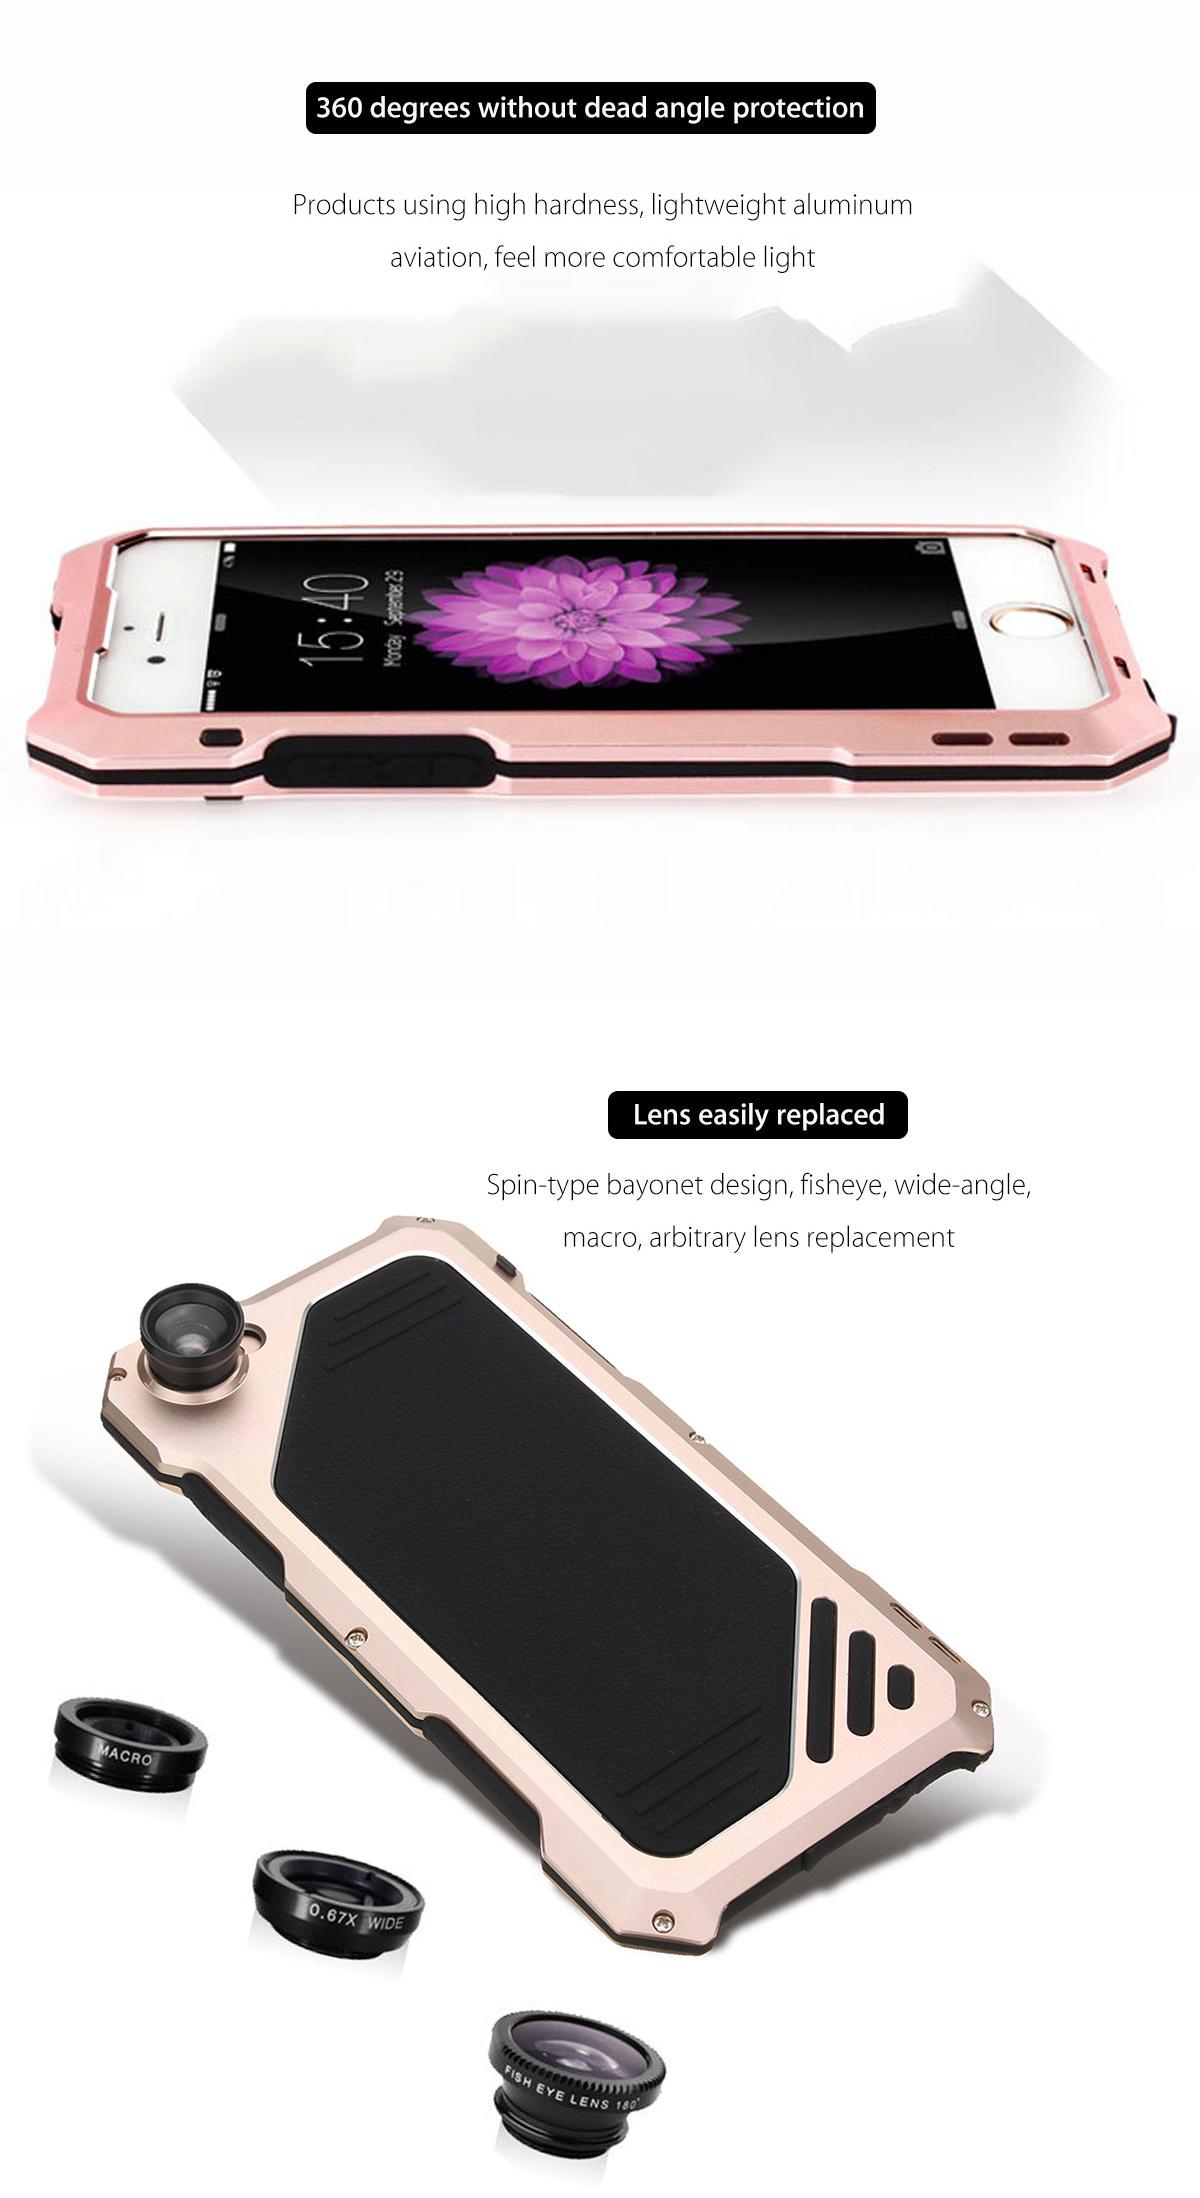 4 en 1 lente impermeable gran angular de la cámara del fisheye del macro para iPhone 6 / 6s más 5.5 pulgadas